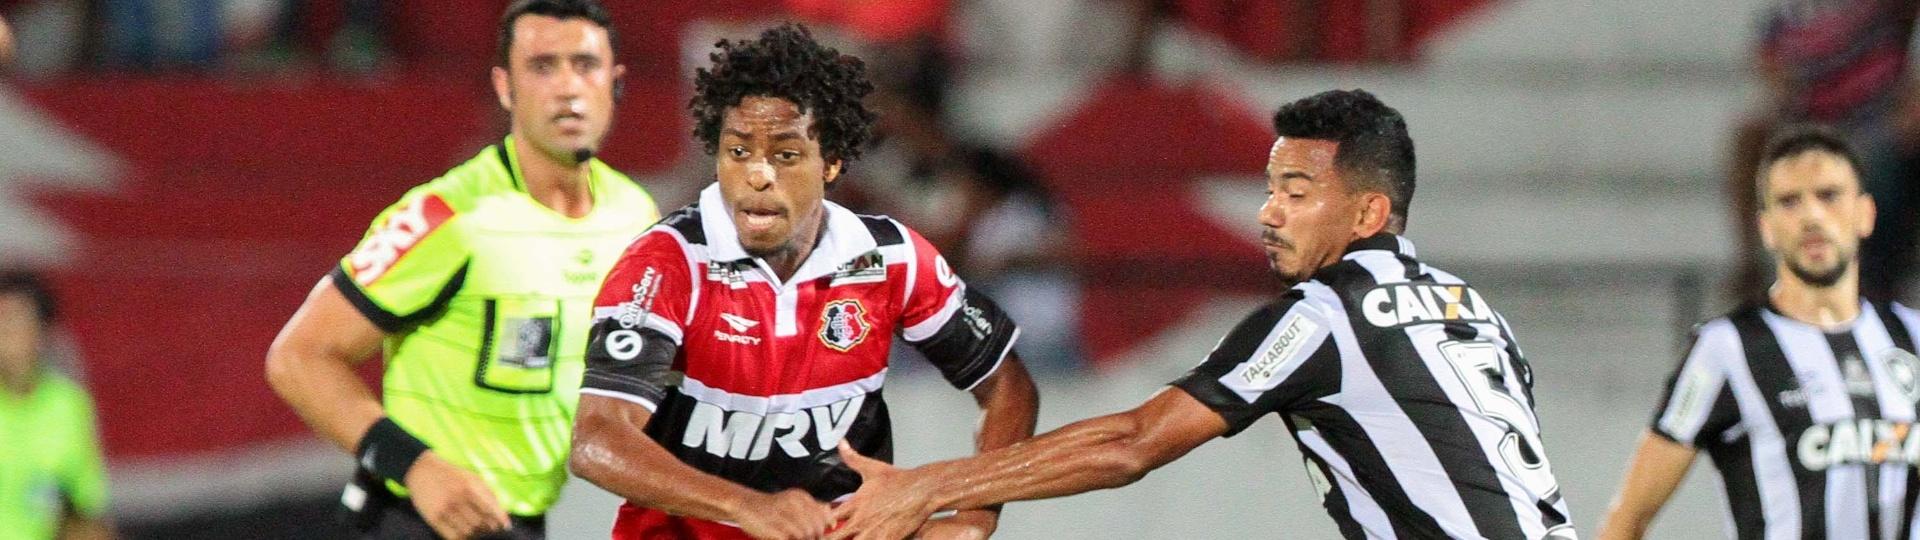 Keno, do Santa Cruz, tenta escapar de Rodrigo Lindoso, do Botafogo